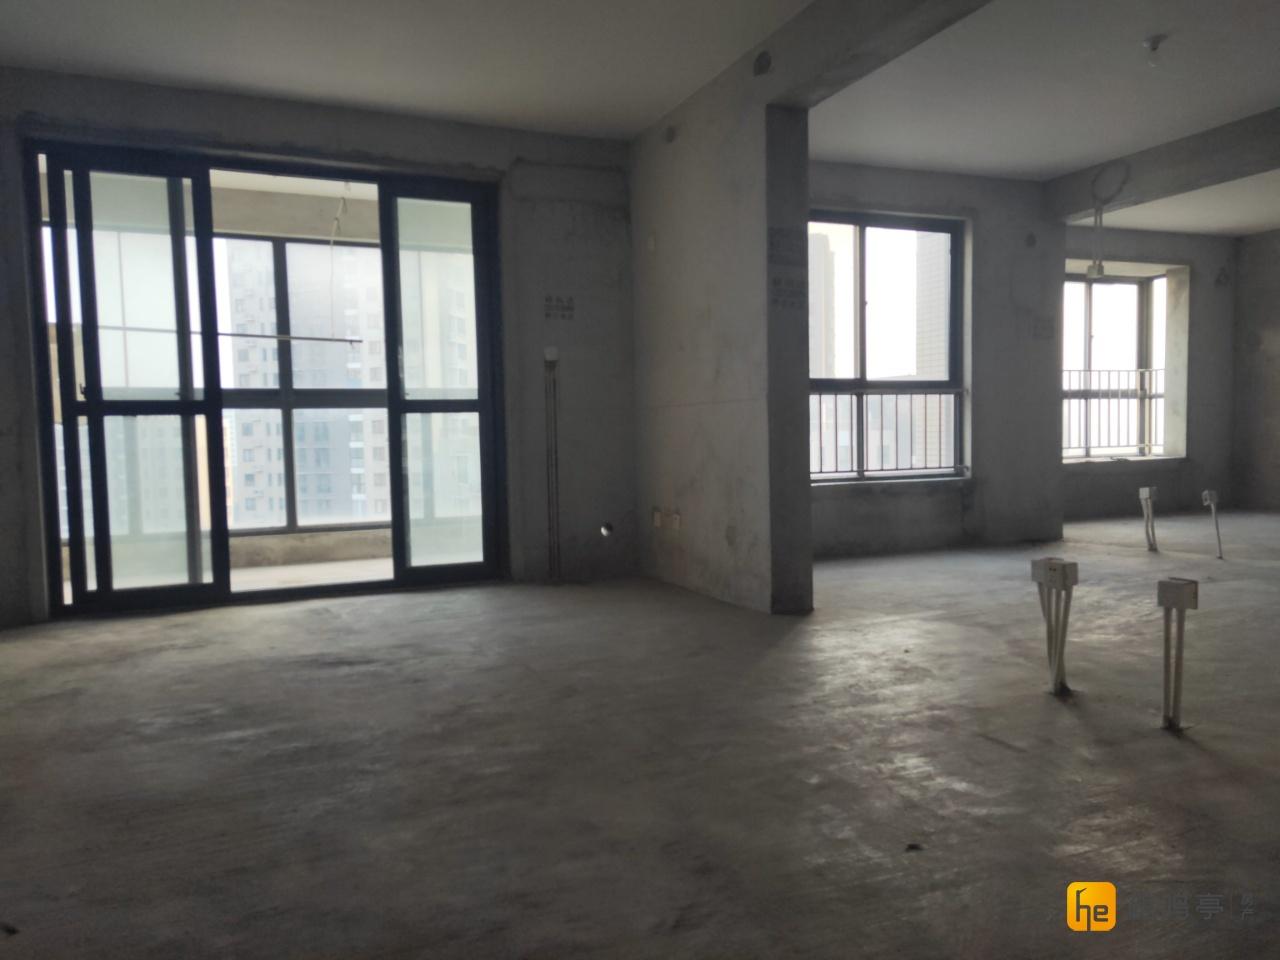 万达广场附近西城逸品三室二厅双卫双阳台南北通透129平